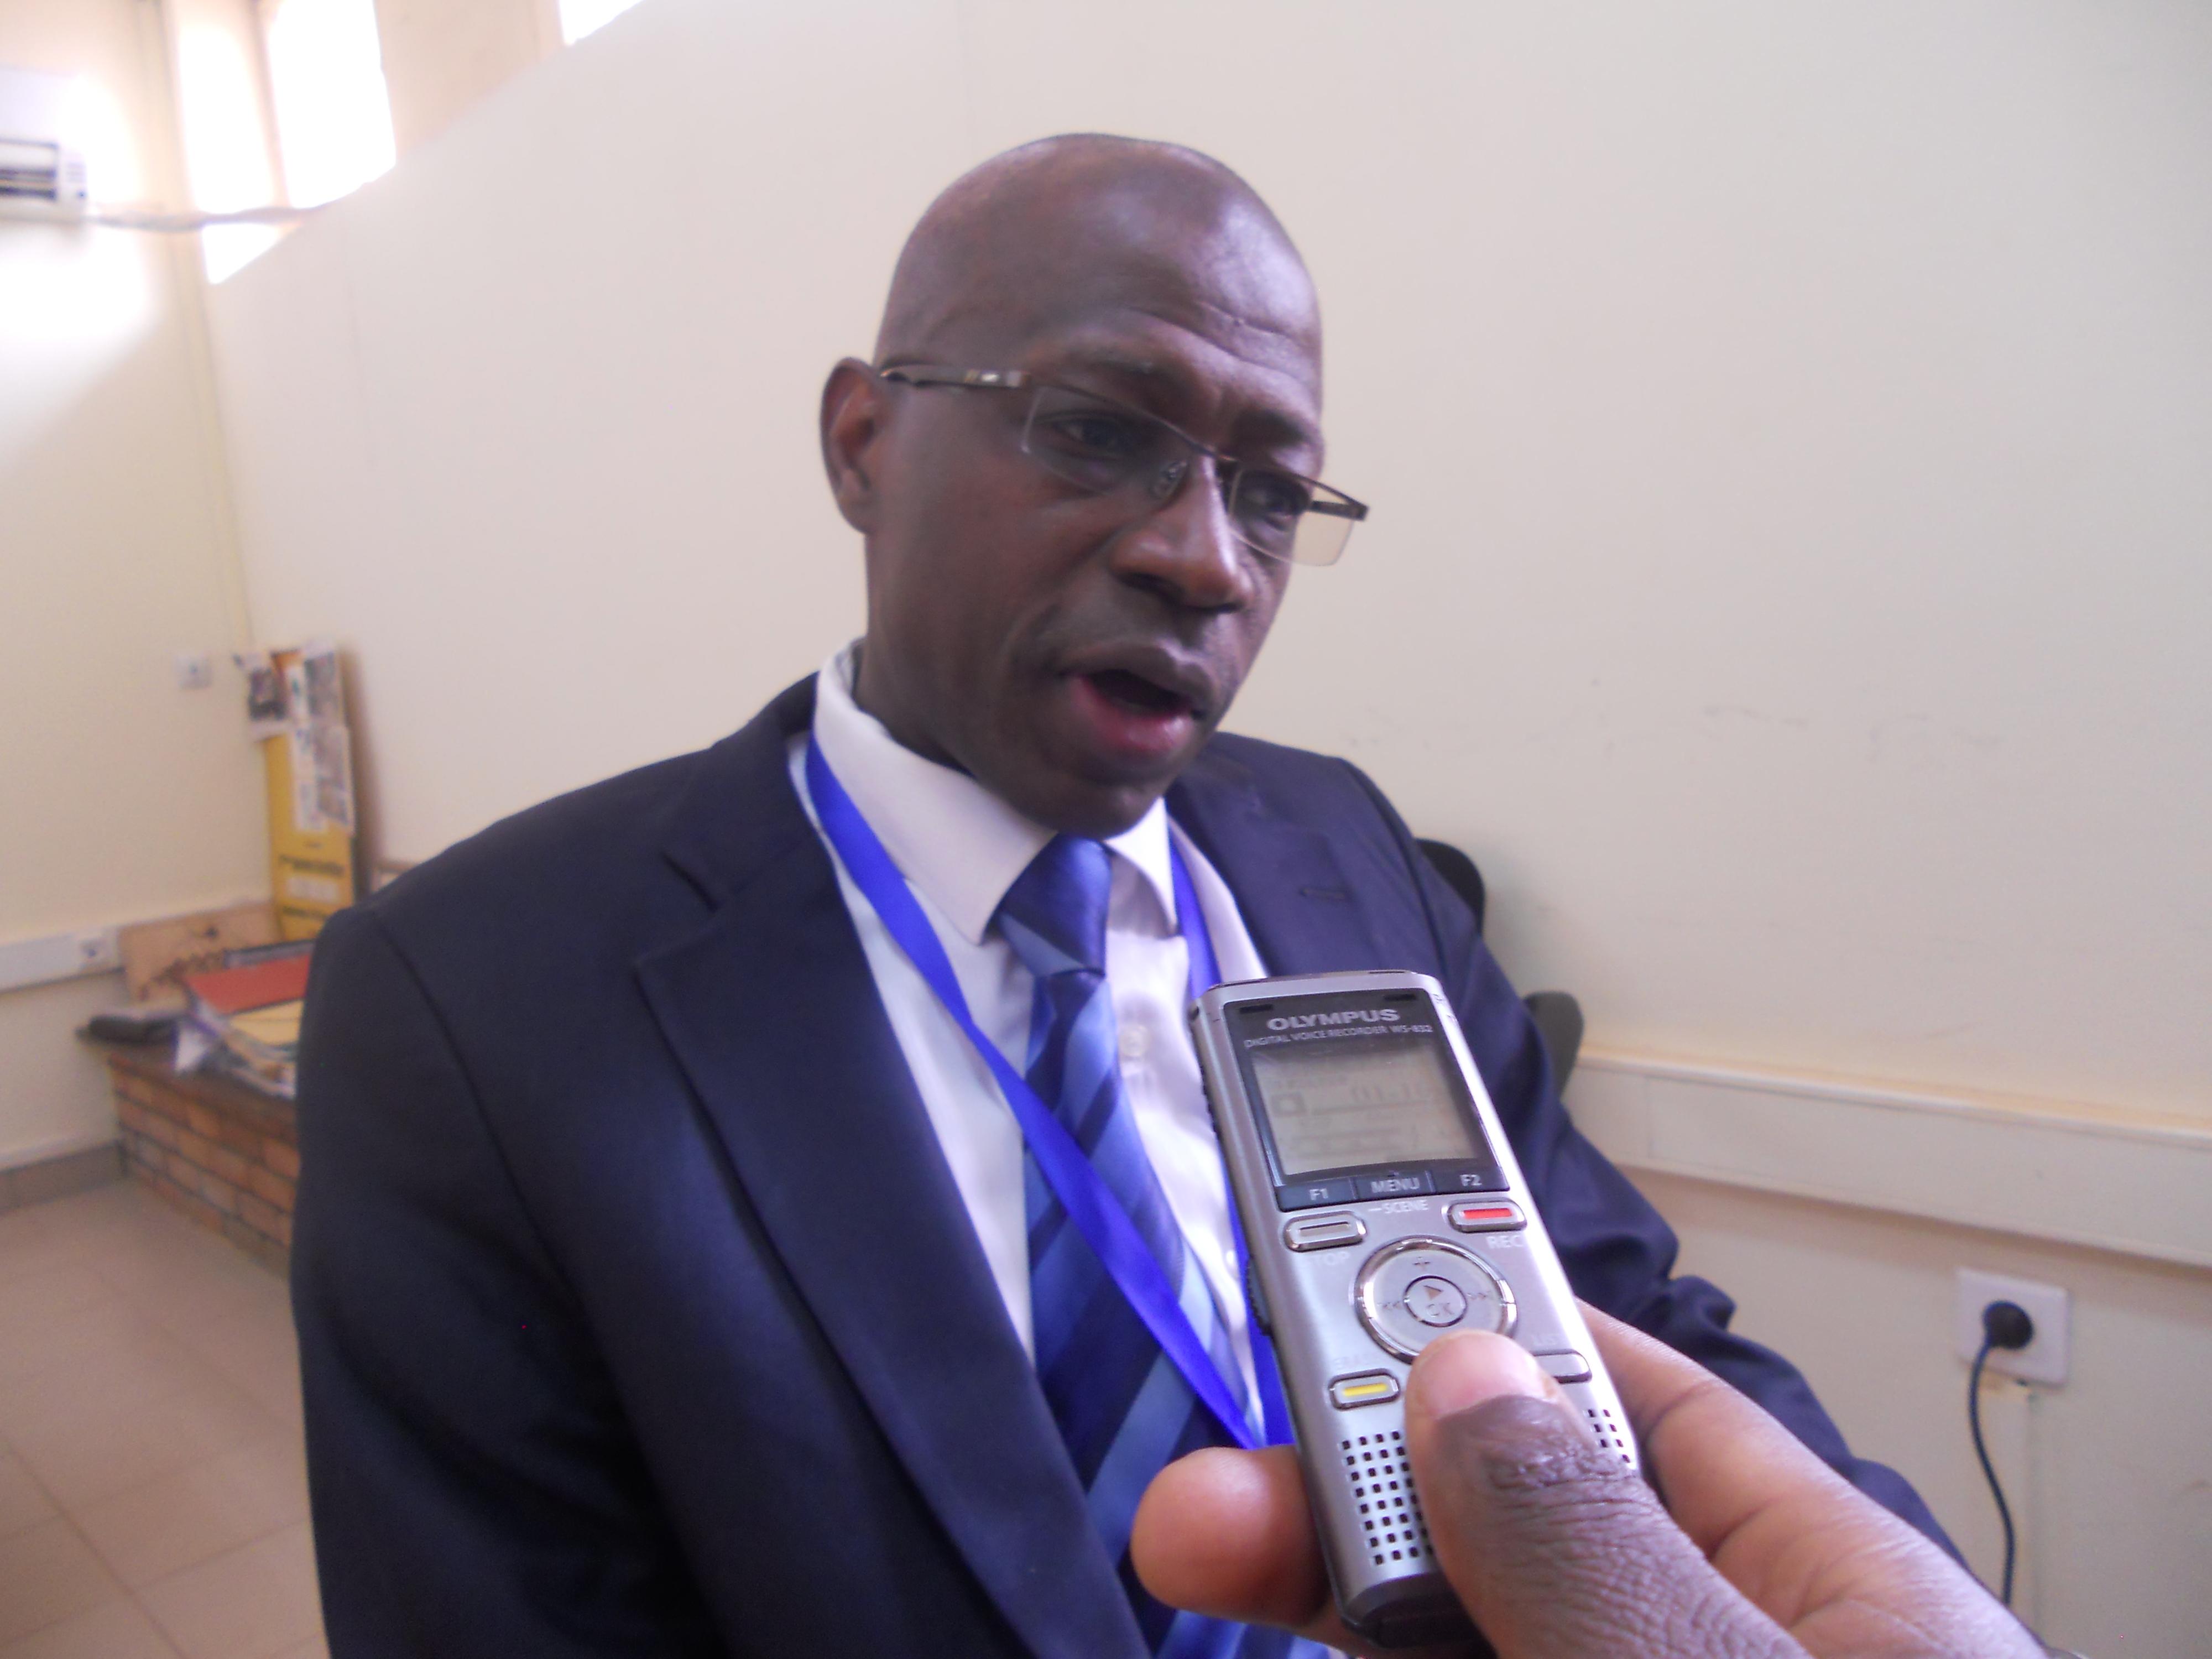 Le Colloque international AFRICAMPUS 2015 s'est tenu à Ouagadougou au Burkina-Faso du 26 au 28 février à 2iE .Monsieur FRANCIS SEMPORE, Coordonnateur de cette 4e édition a bien voulu se prêter aux questions de Sciences-Campus.Info.